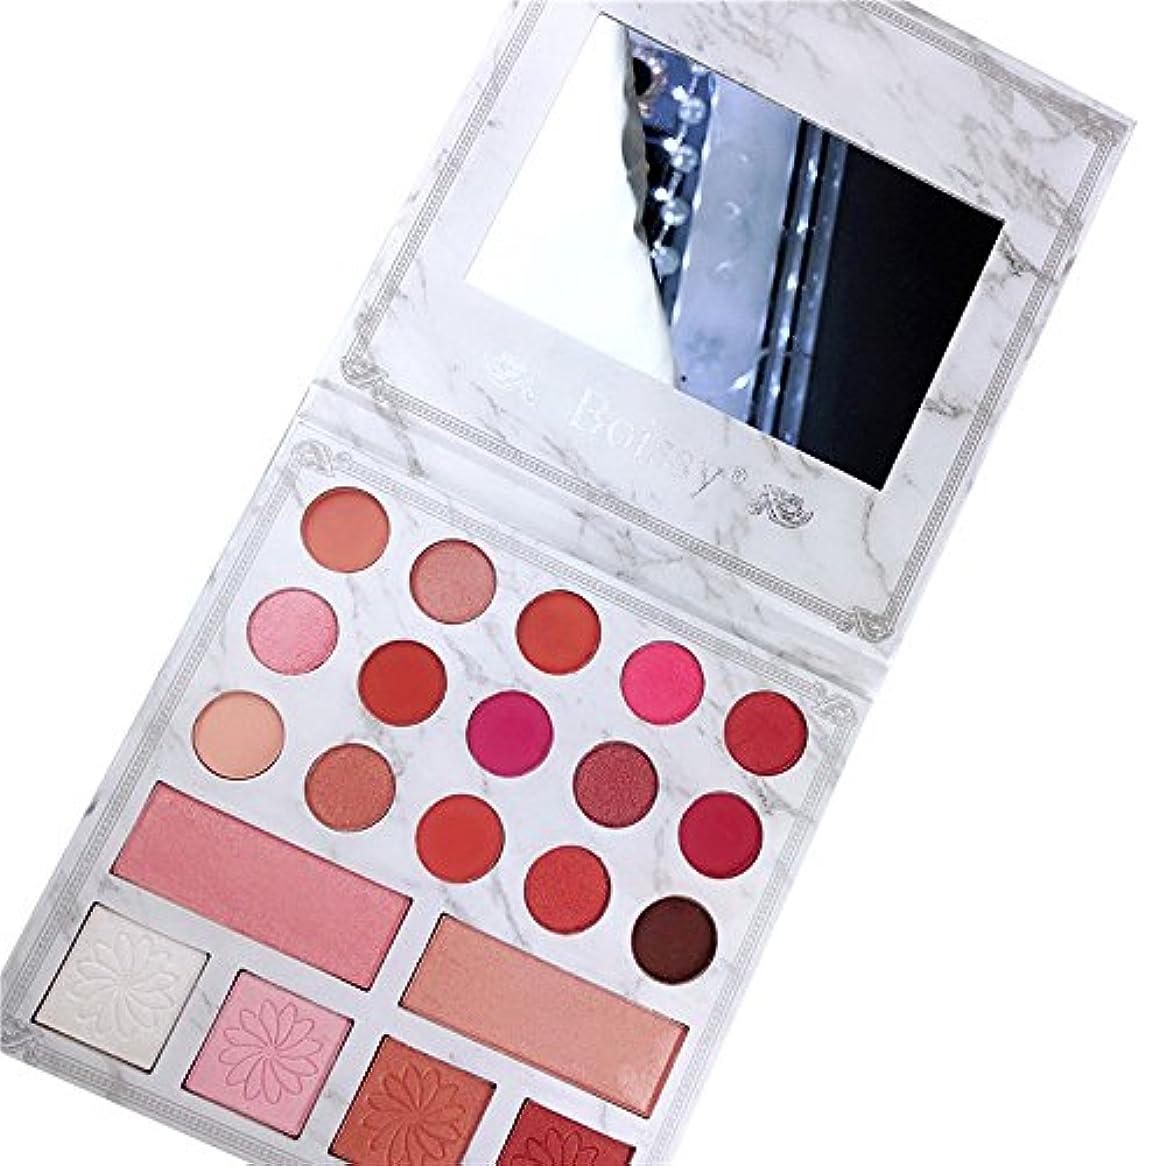 軽減元気な怒り21色シマーマットアイシャドウアイシャドウパレットプロ化粧品メイクアップツール